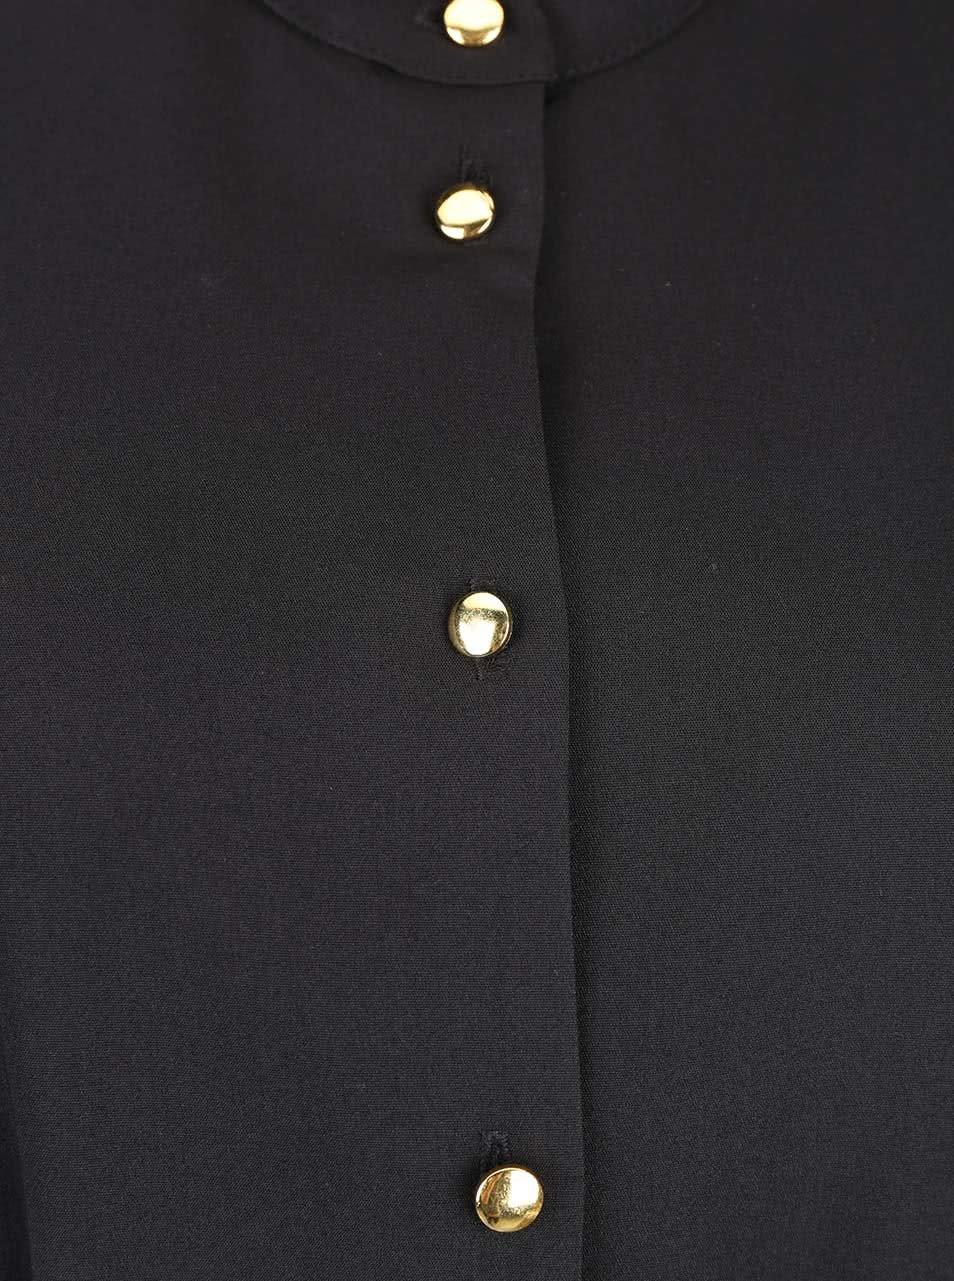 fa7199daef3 Černé šaty s knoflíky ve zlaté barvě Closet ...